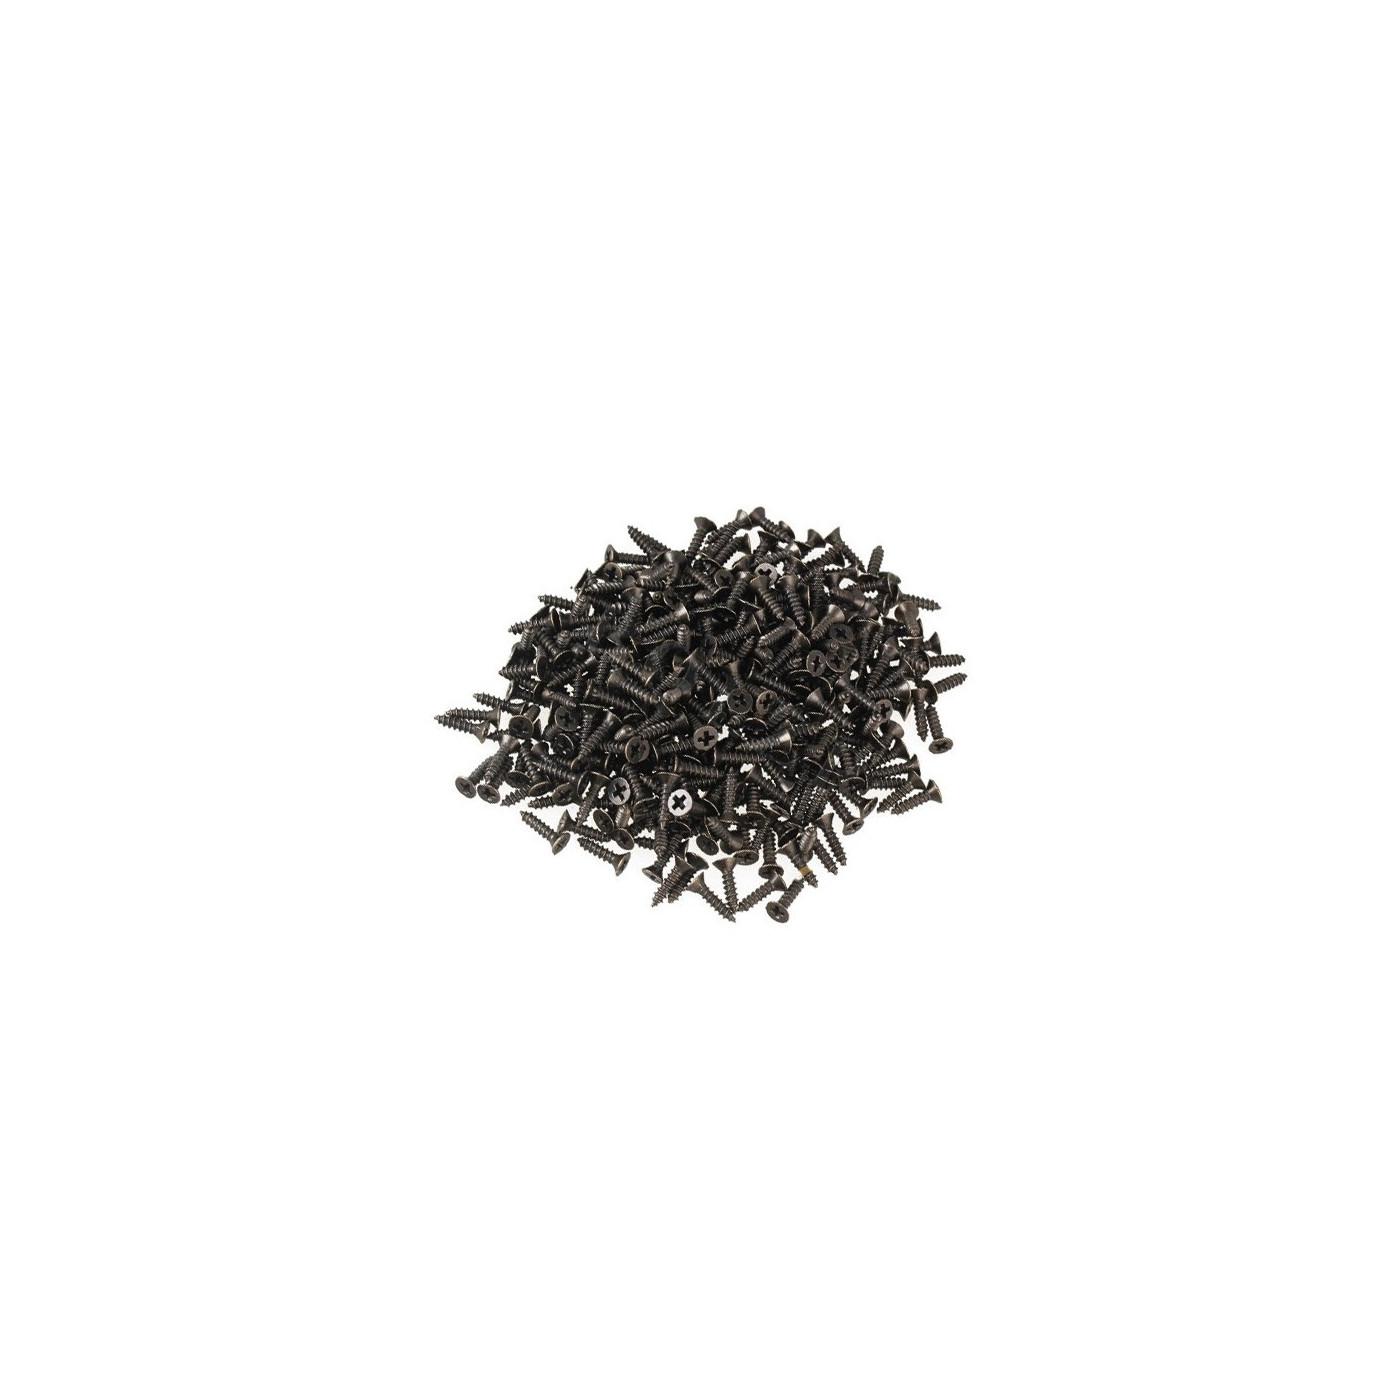 Conjunto de 300 parafusos pequenos (3,0x12 mm, escareado, cor de bronze)  - 1